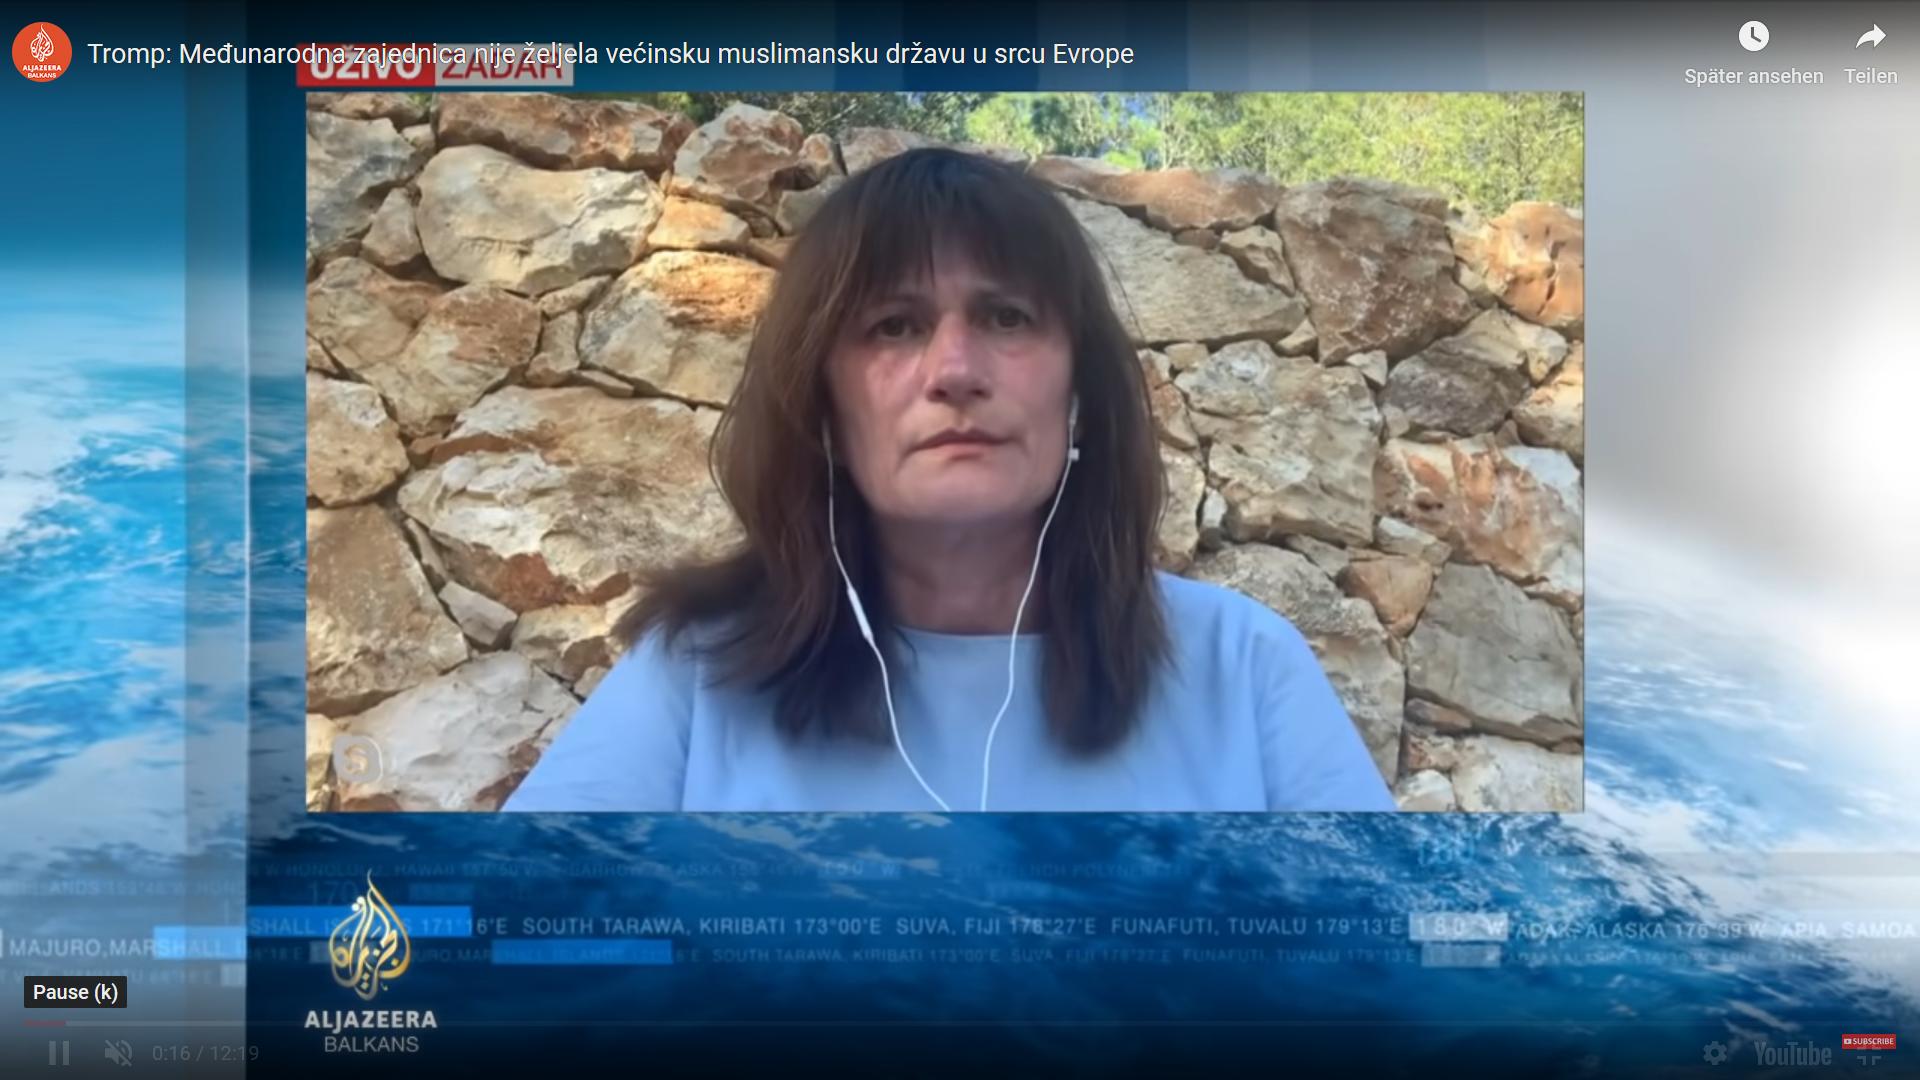 Dr. Nevenka Tromp, Al-Jazeera Balkans – Međunarodna zajednica nije željela većinsku muslimansku državu u srcu Evrope